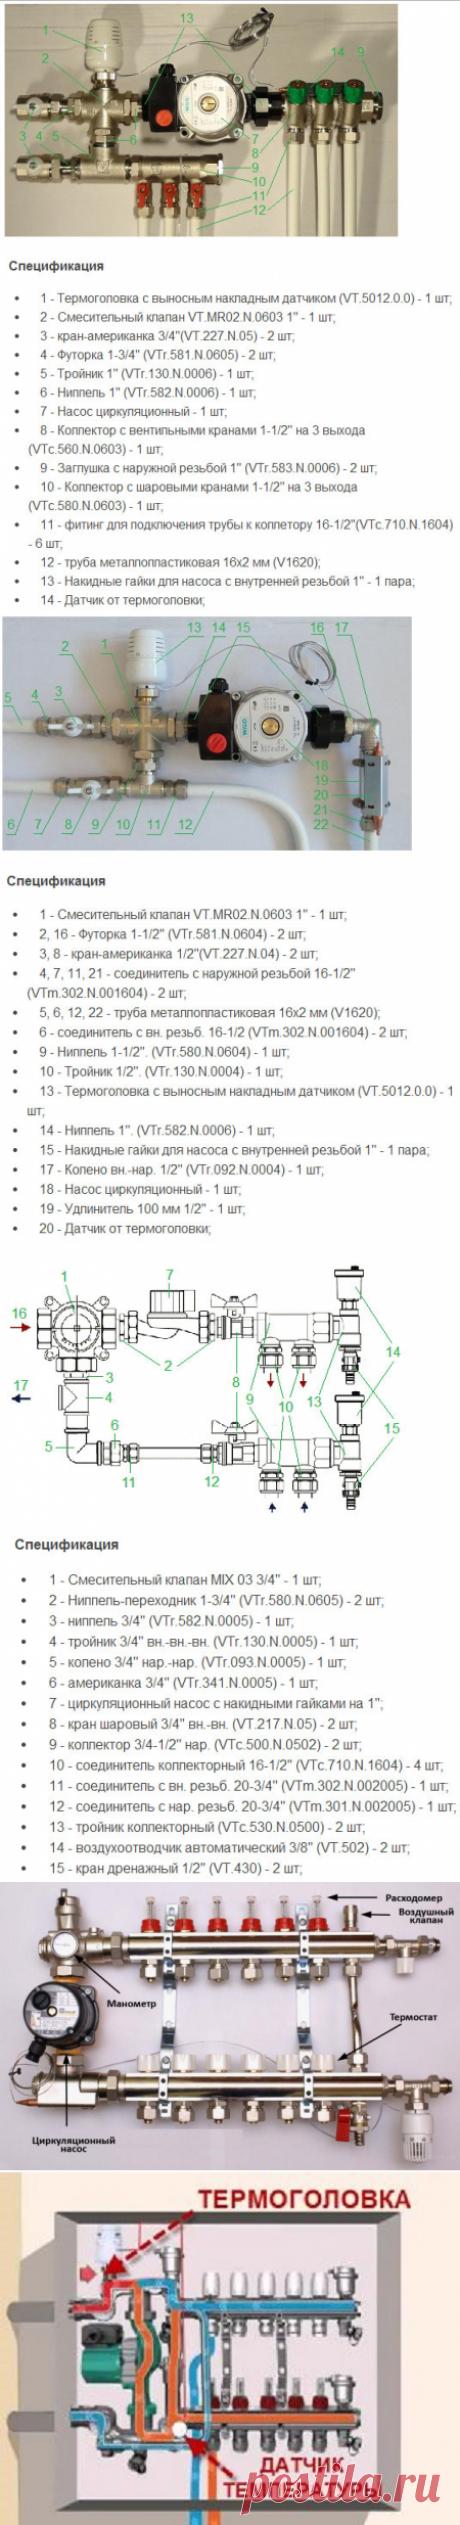 Как подключить радиаторы и теплый пол к котлу: насосно-смесительный узел